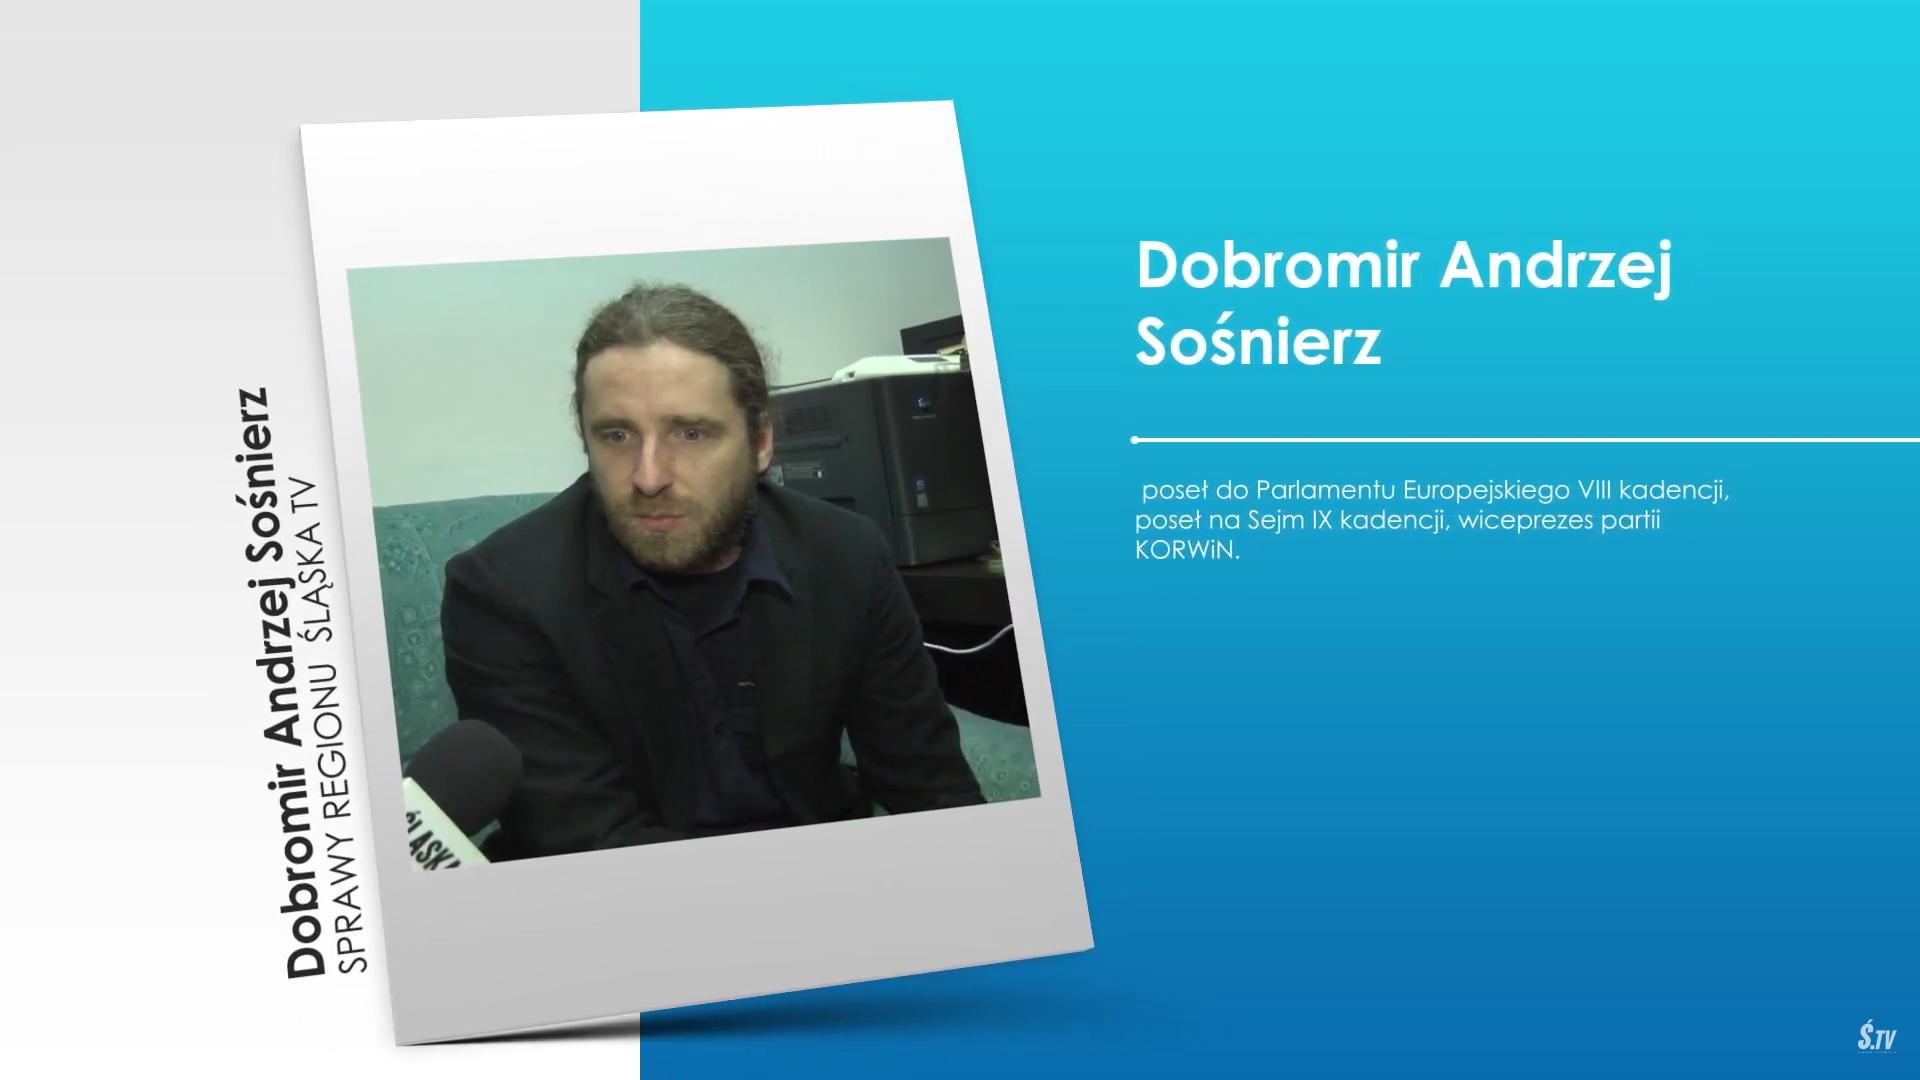 Sprawy Regionu:  Dobromir Sośnierz o koronawirusie i rządach PiS-u